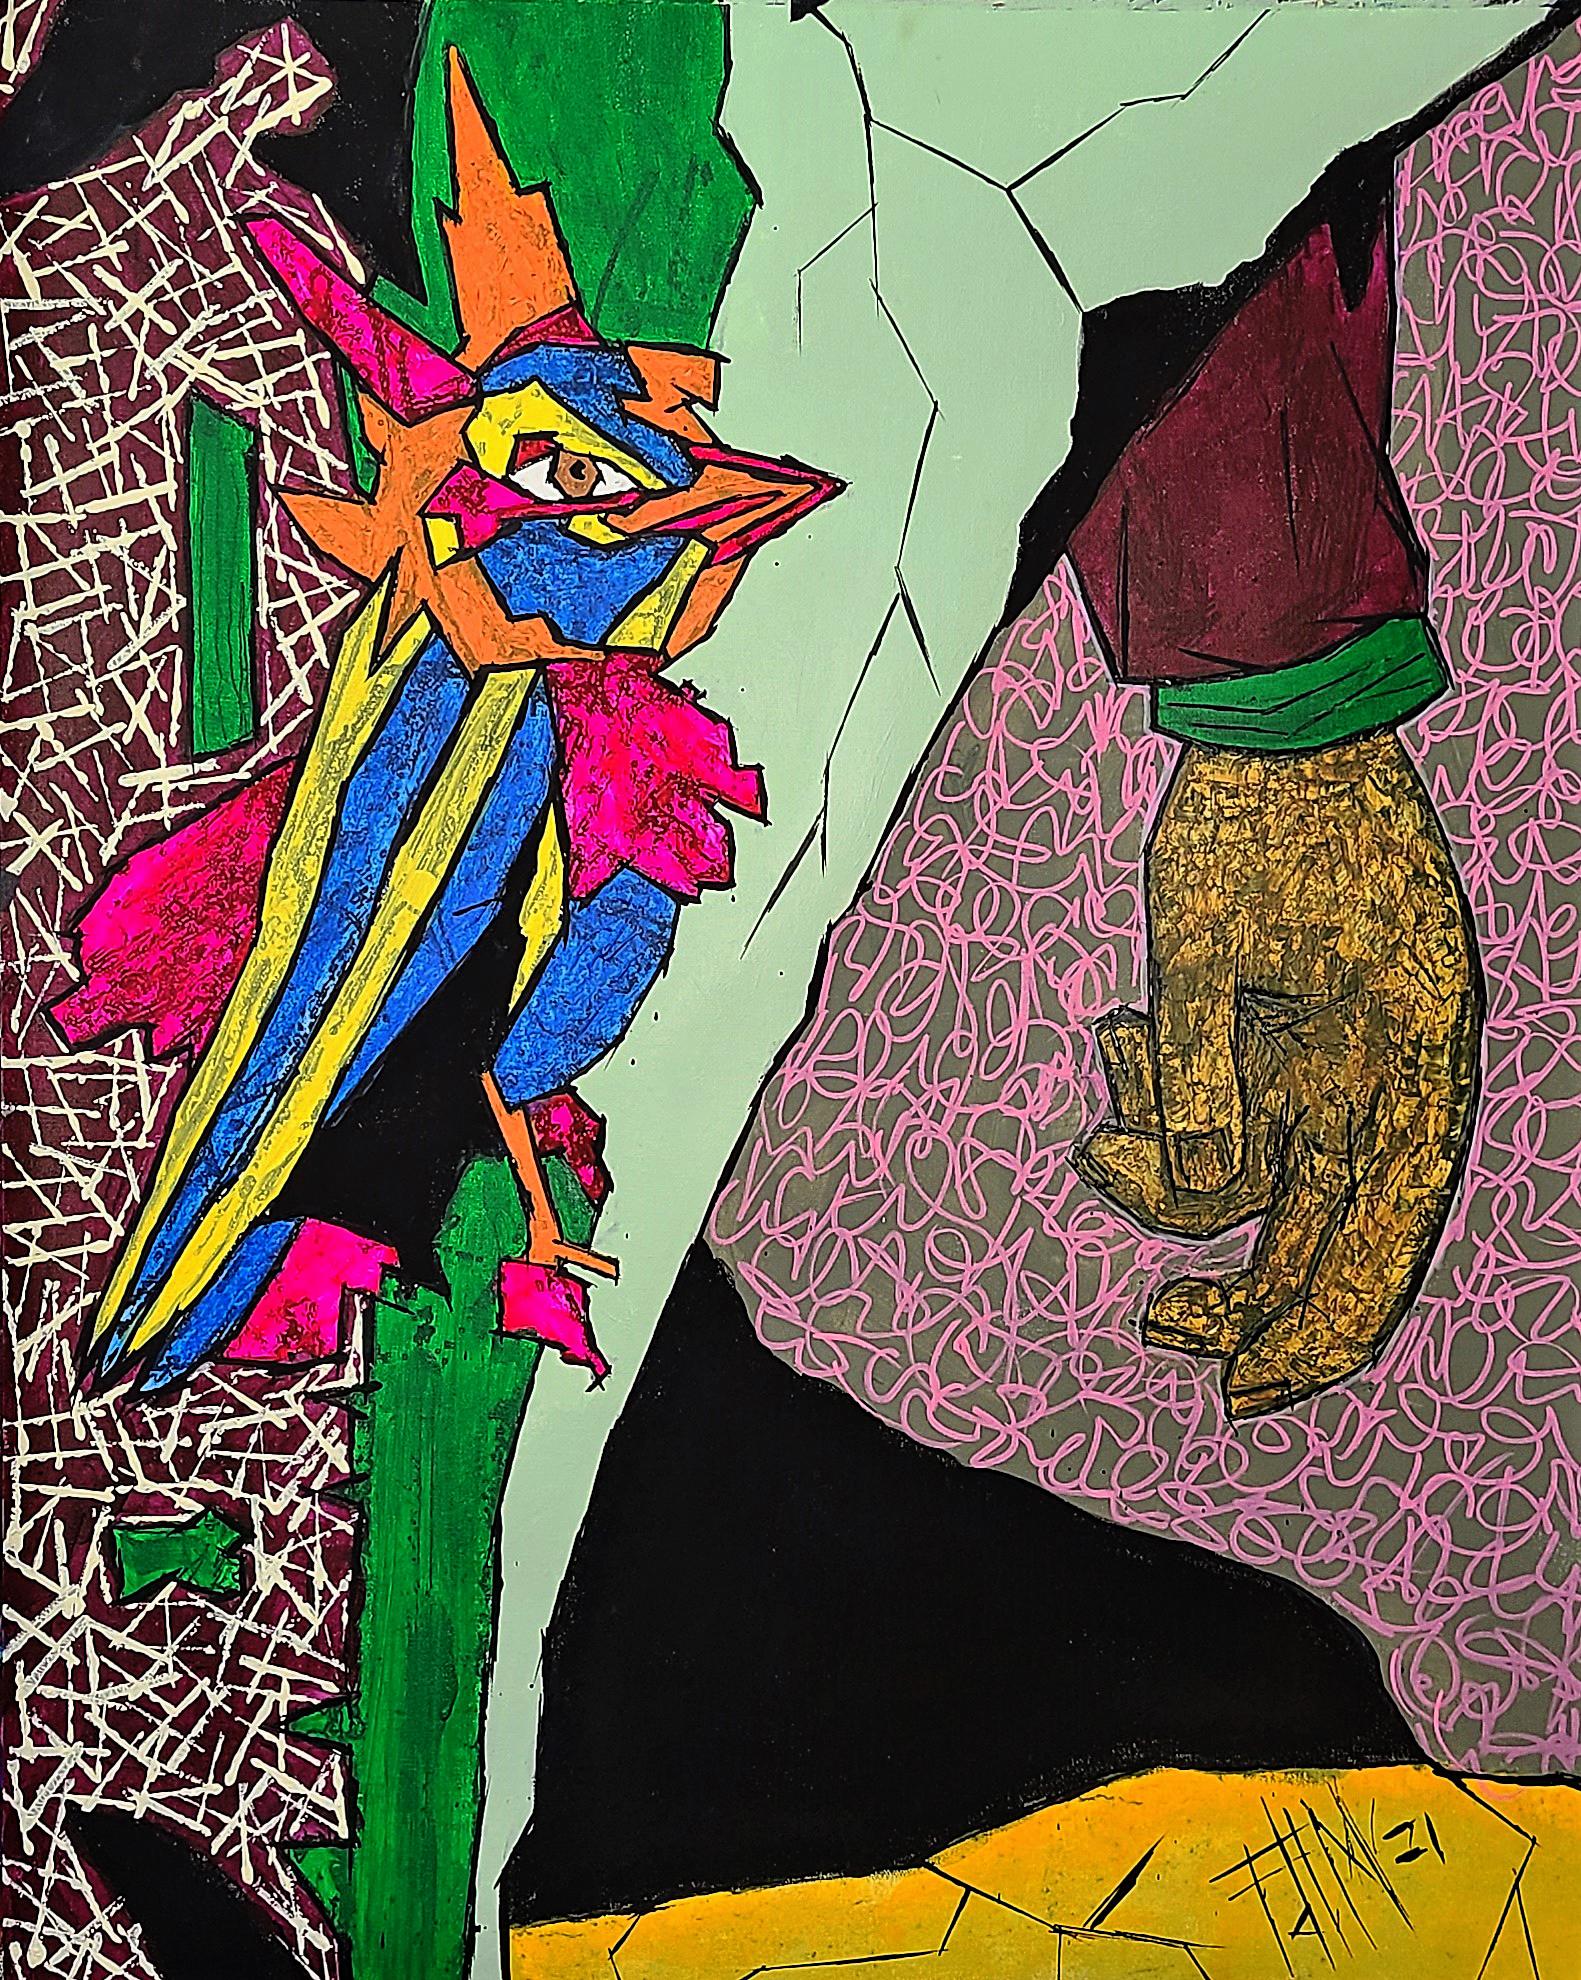 Landgrab artwork by Franck de las Mercedes - art listed for sale on Artplode